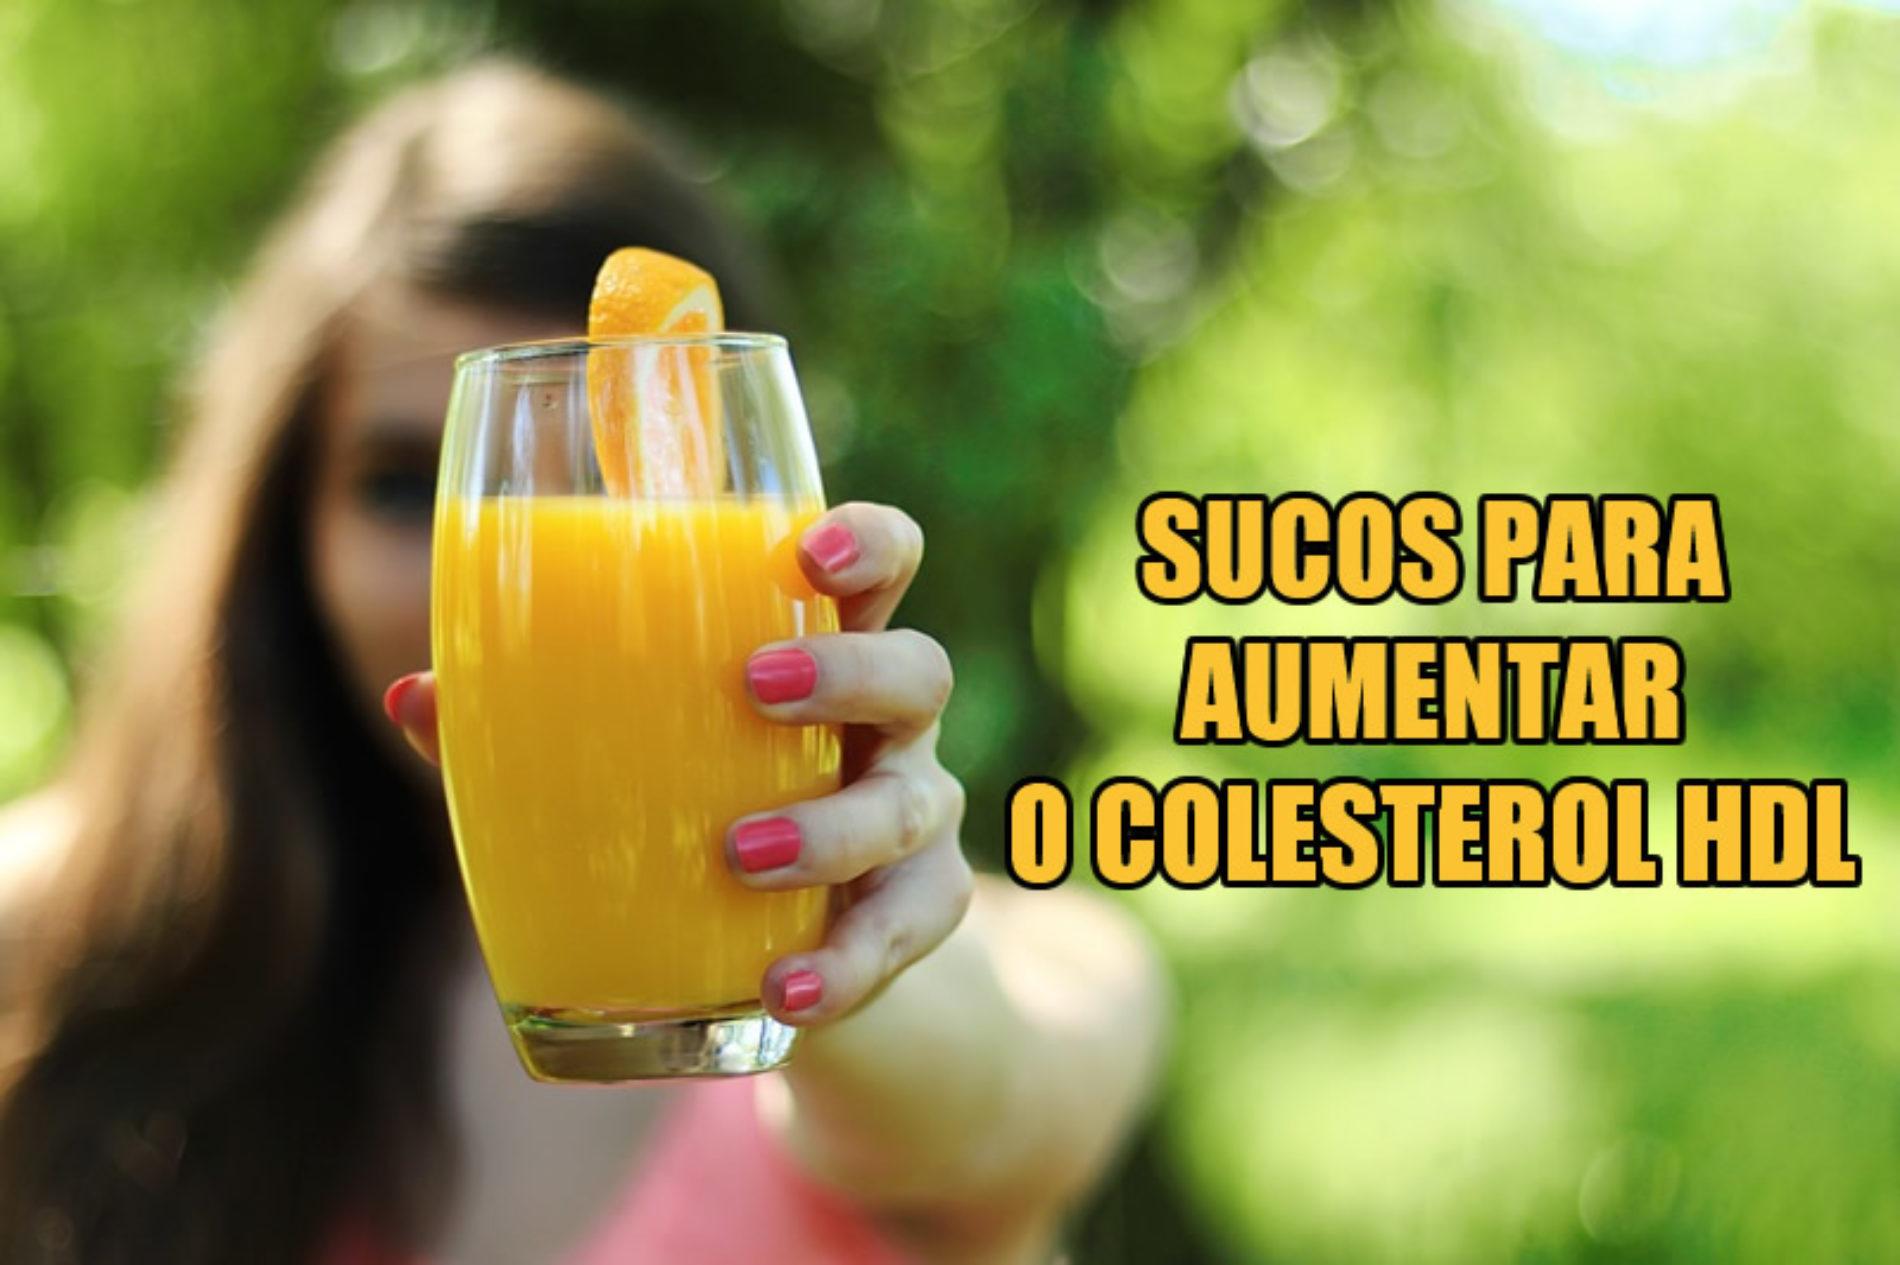 Três receitas de sucos para aumentar o colesterol BOM HDL